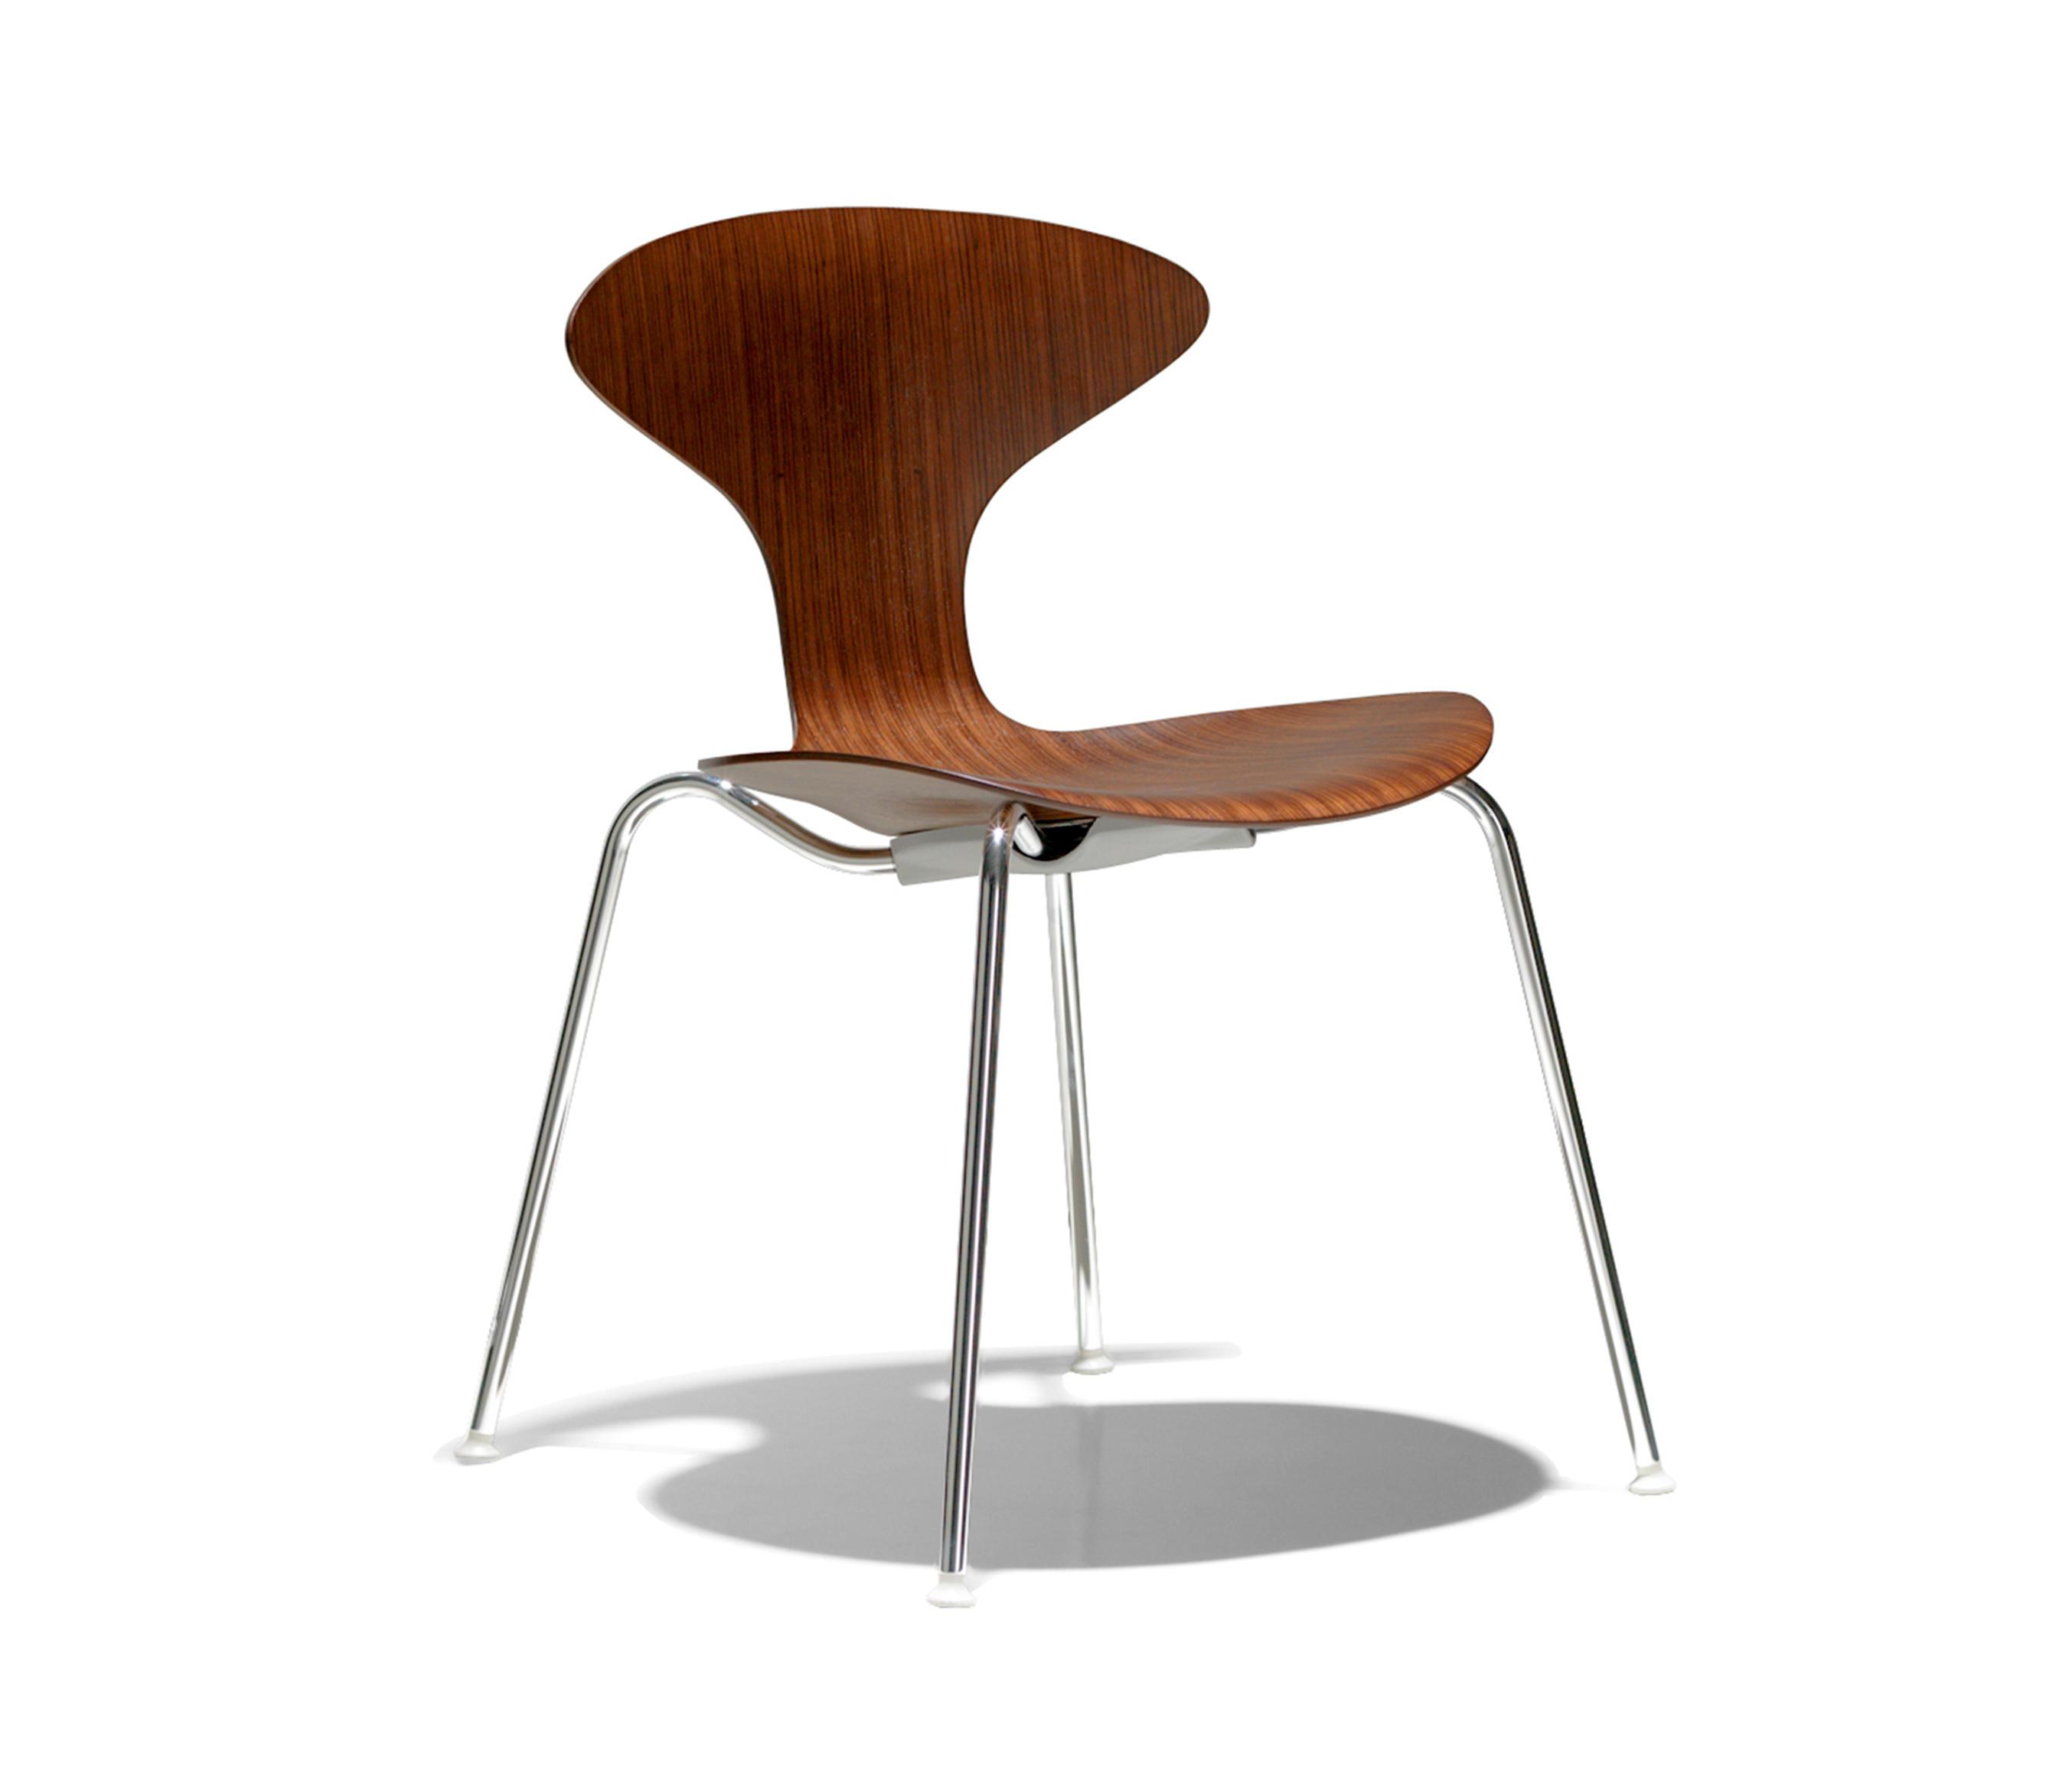 ORBIT WOOD Restaurant chairs from Bernhardt Design